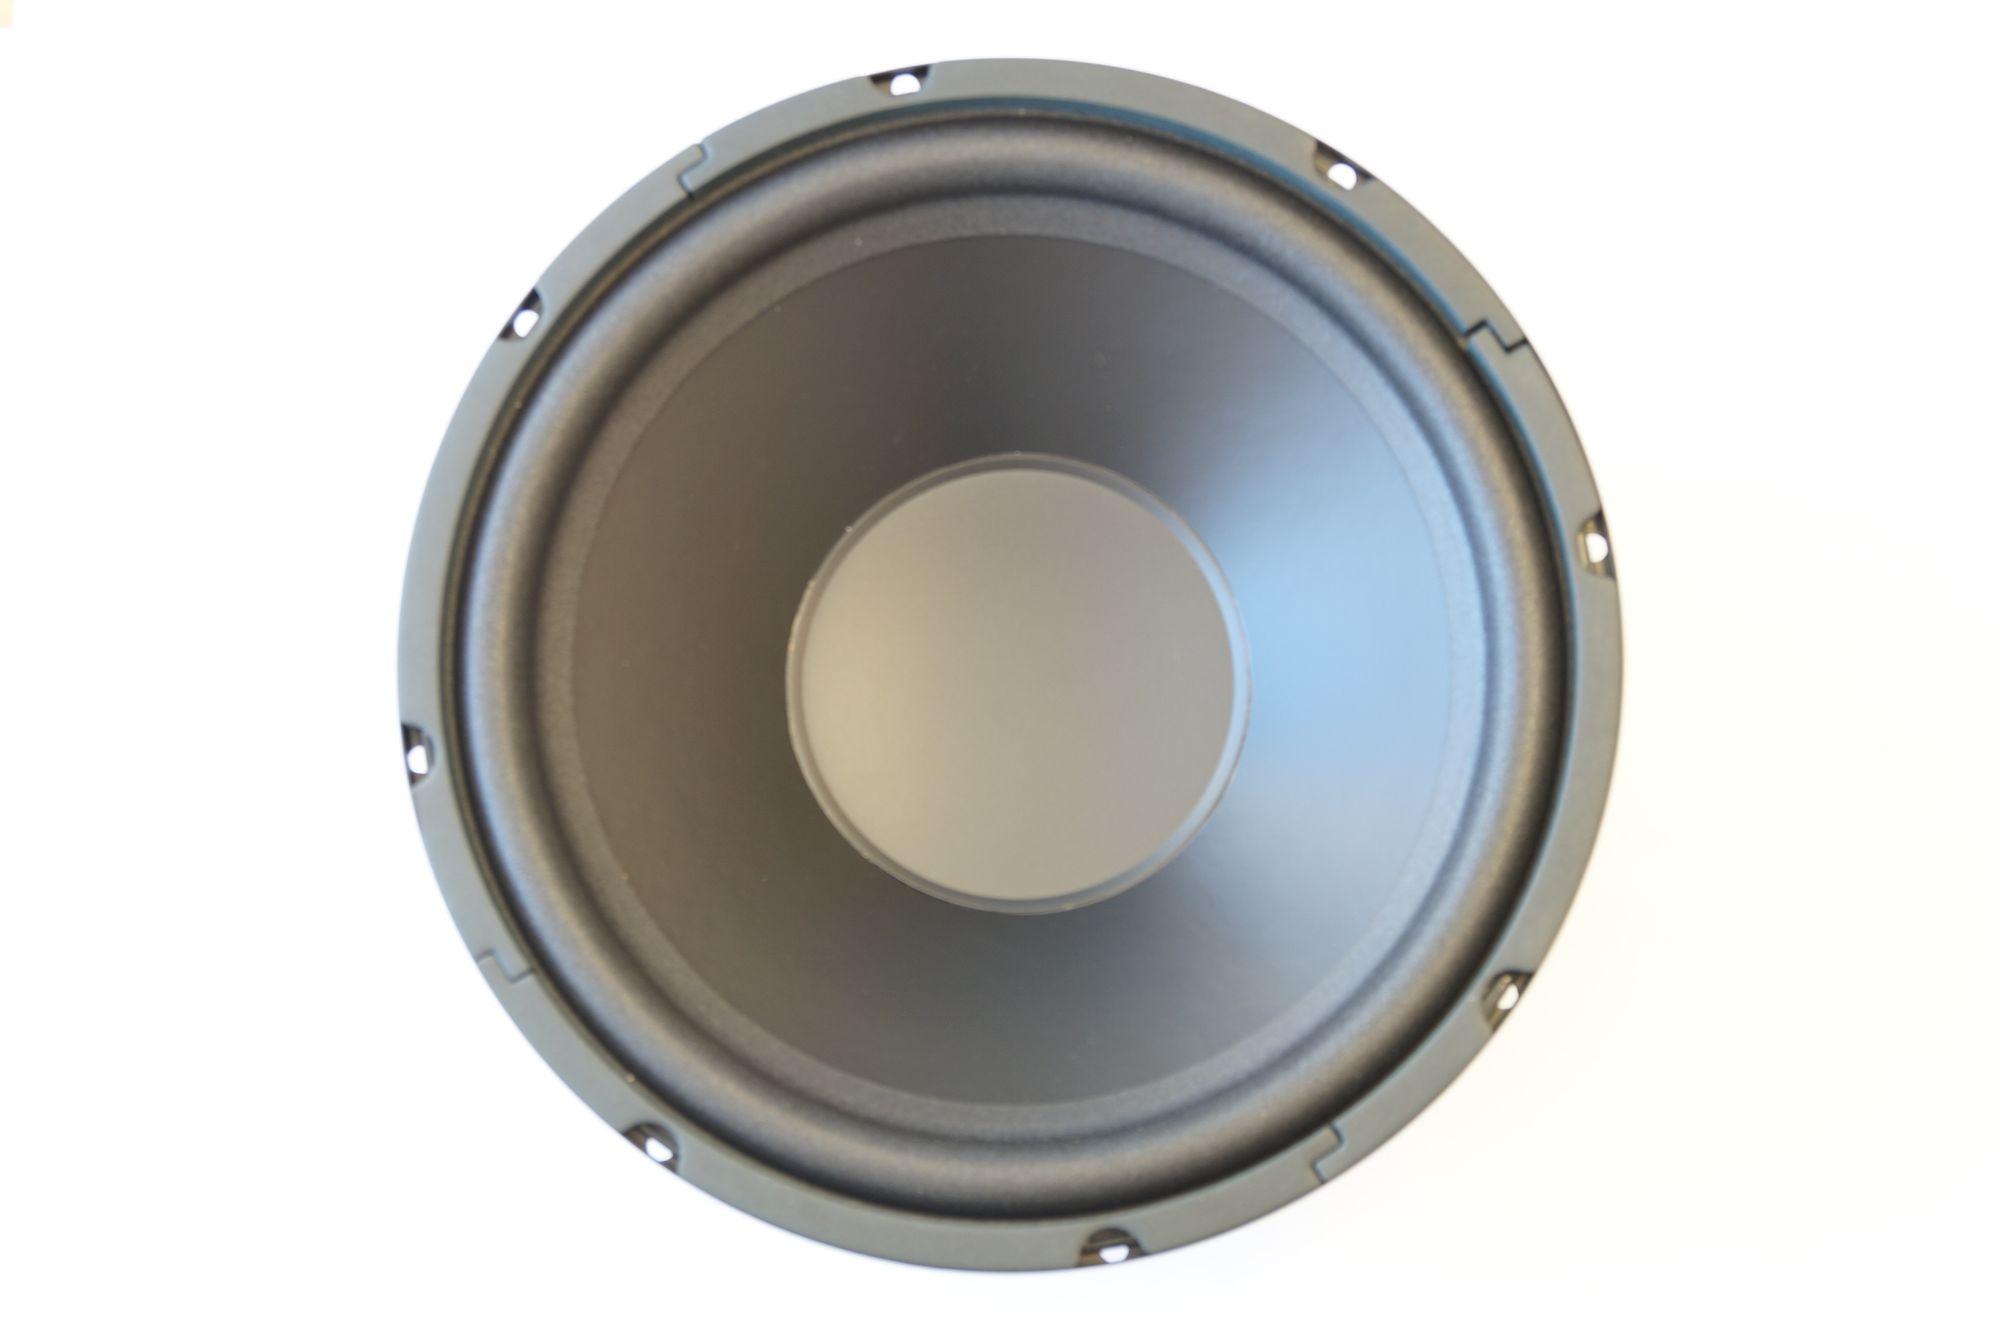 1 Stück Magnat MWS 300 CP 4140X Tieftöner Basslautsprecher Subwoofer Neu 001